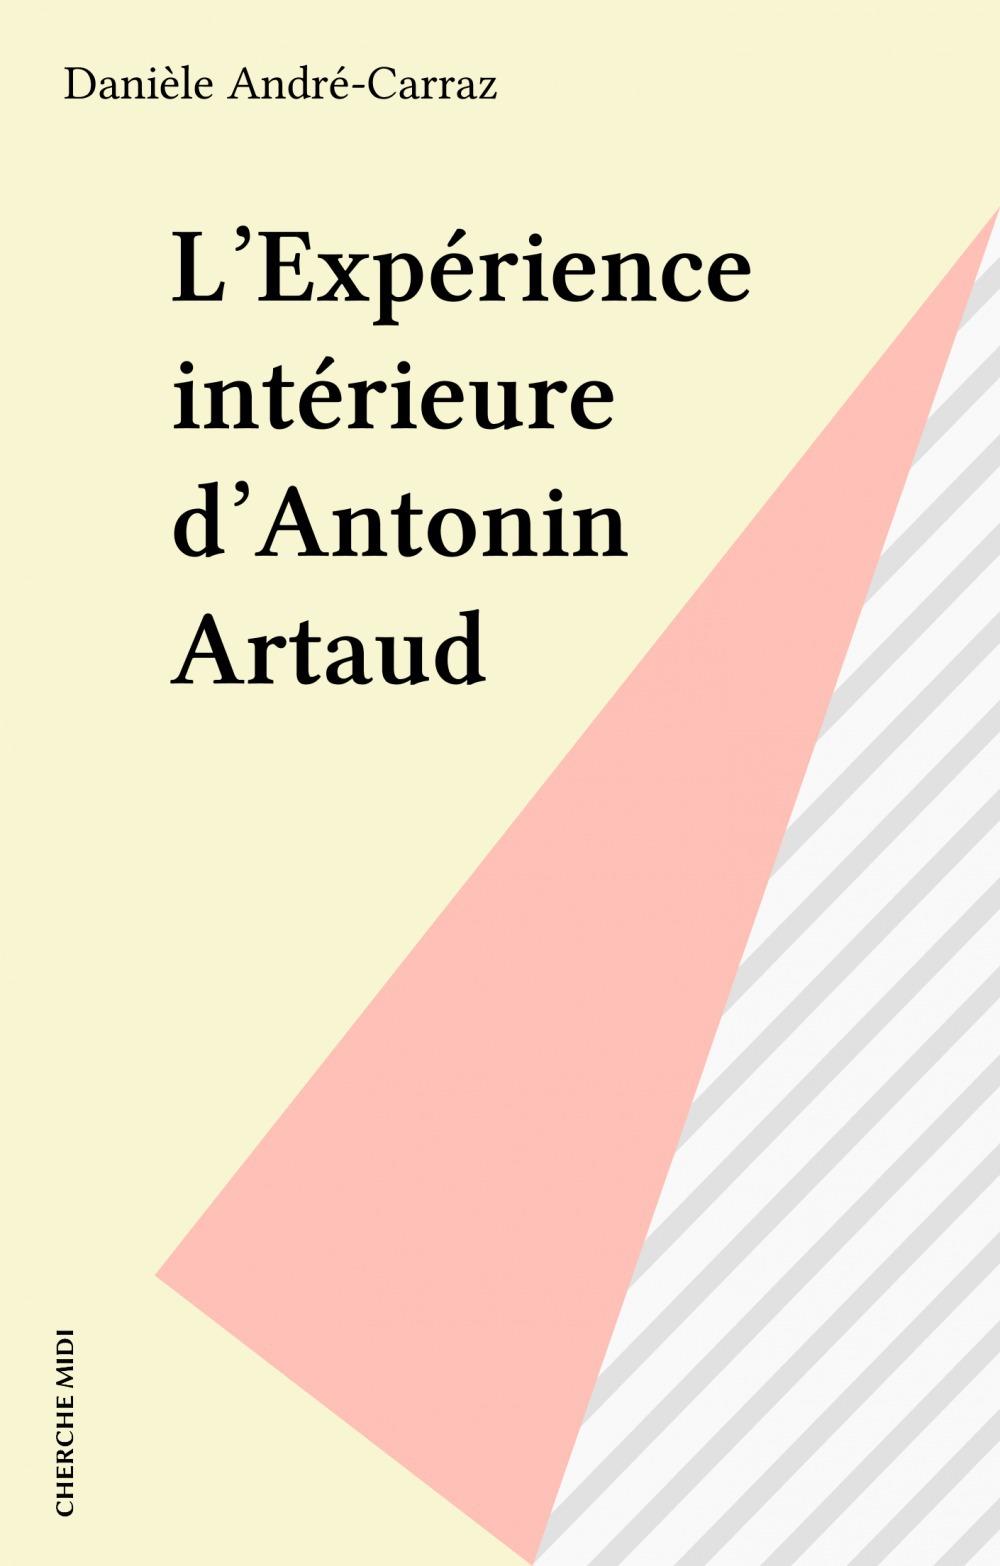 L'Expérience intérieure d'Antonin Artaud